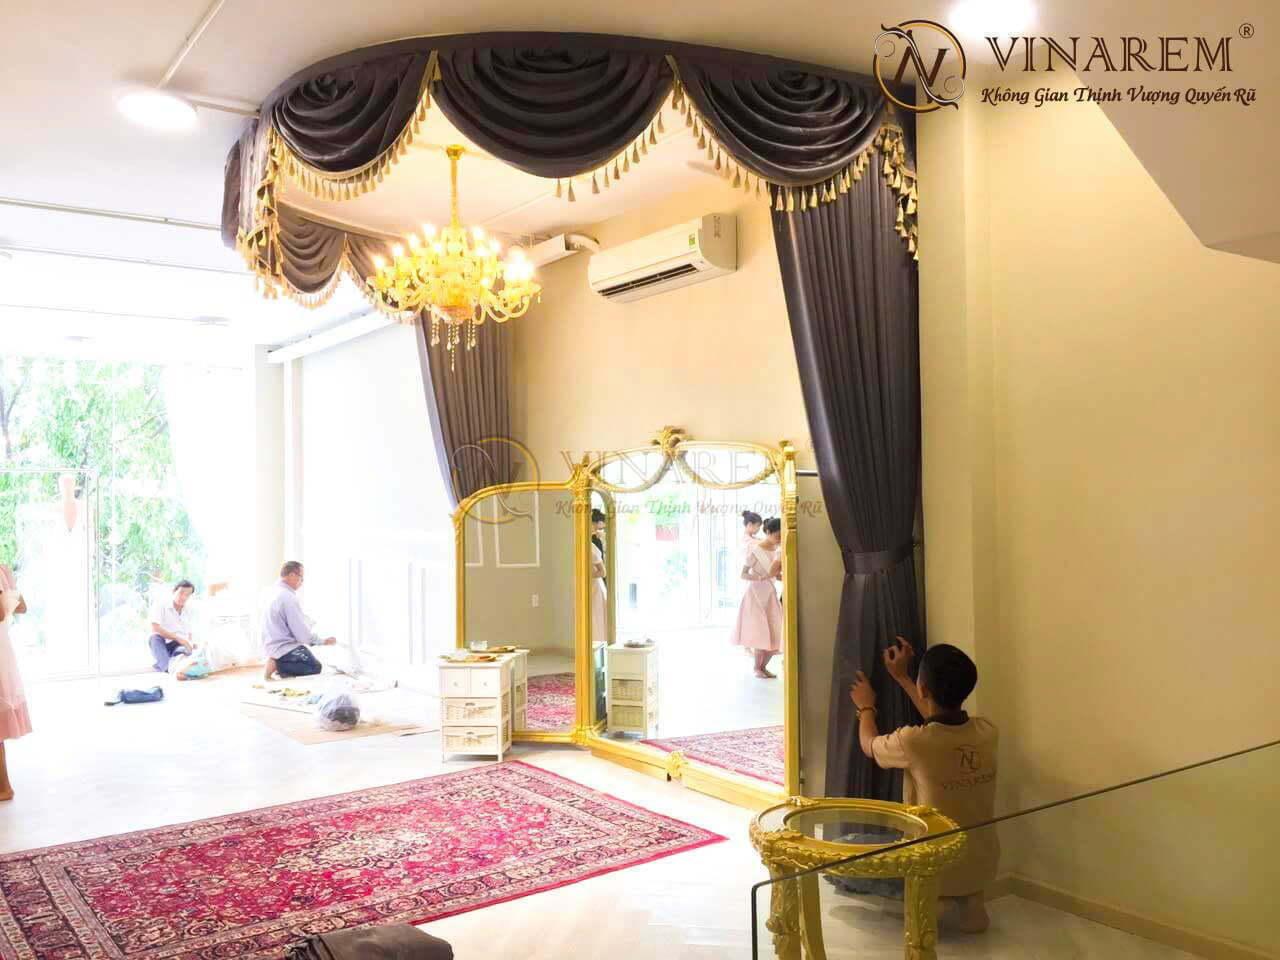 Rèm cổ điển sang trọng cho không gian biệt thự | Vinarem